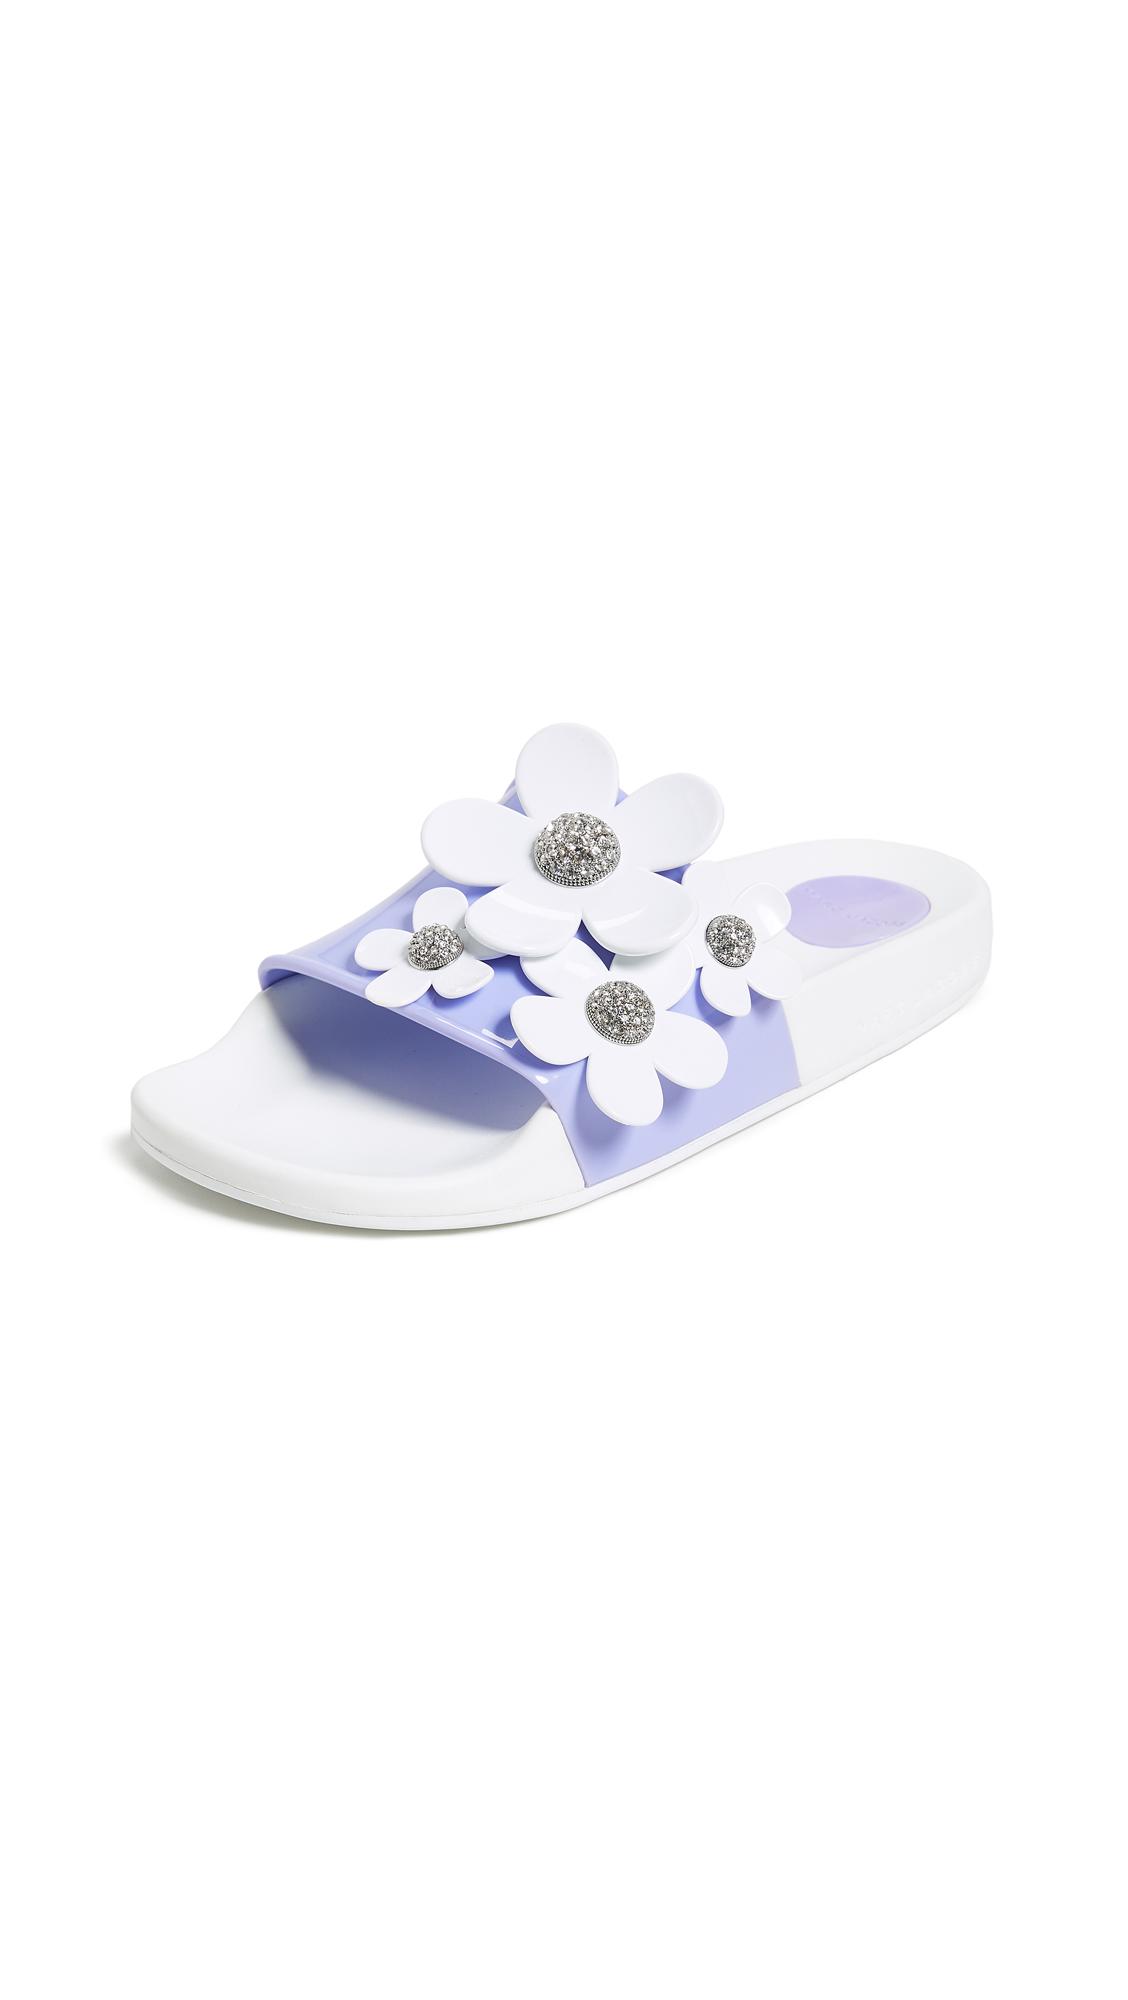 Marc Jacobs Daisy Pave Aqua Slide Sandals - Lavender Multi